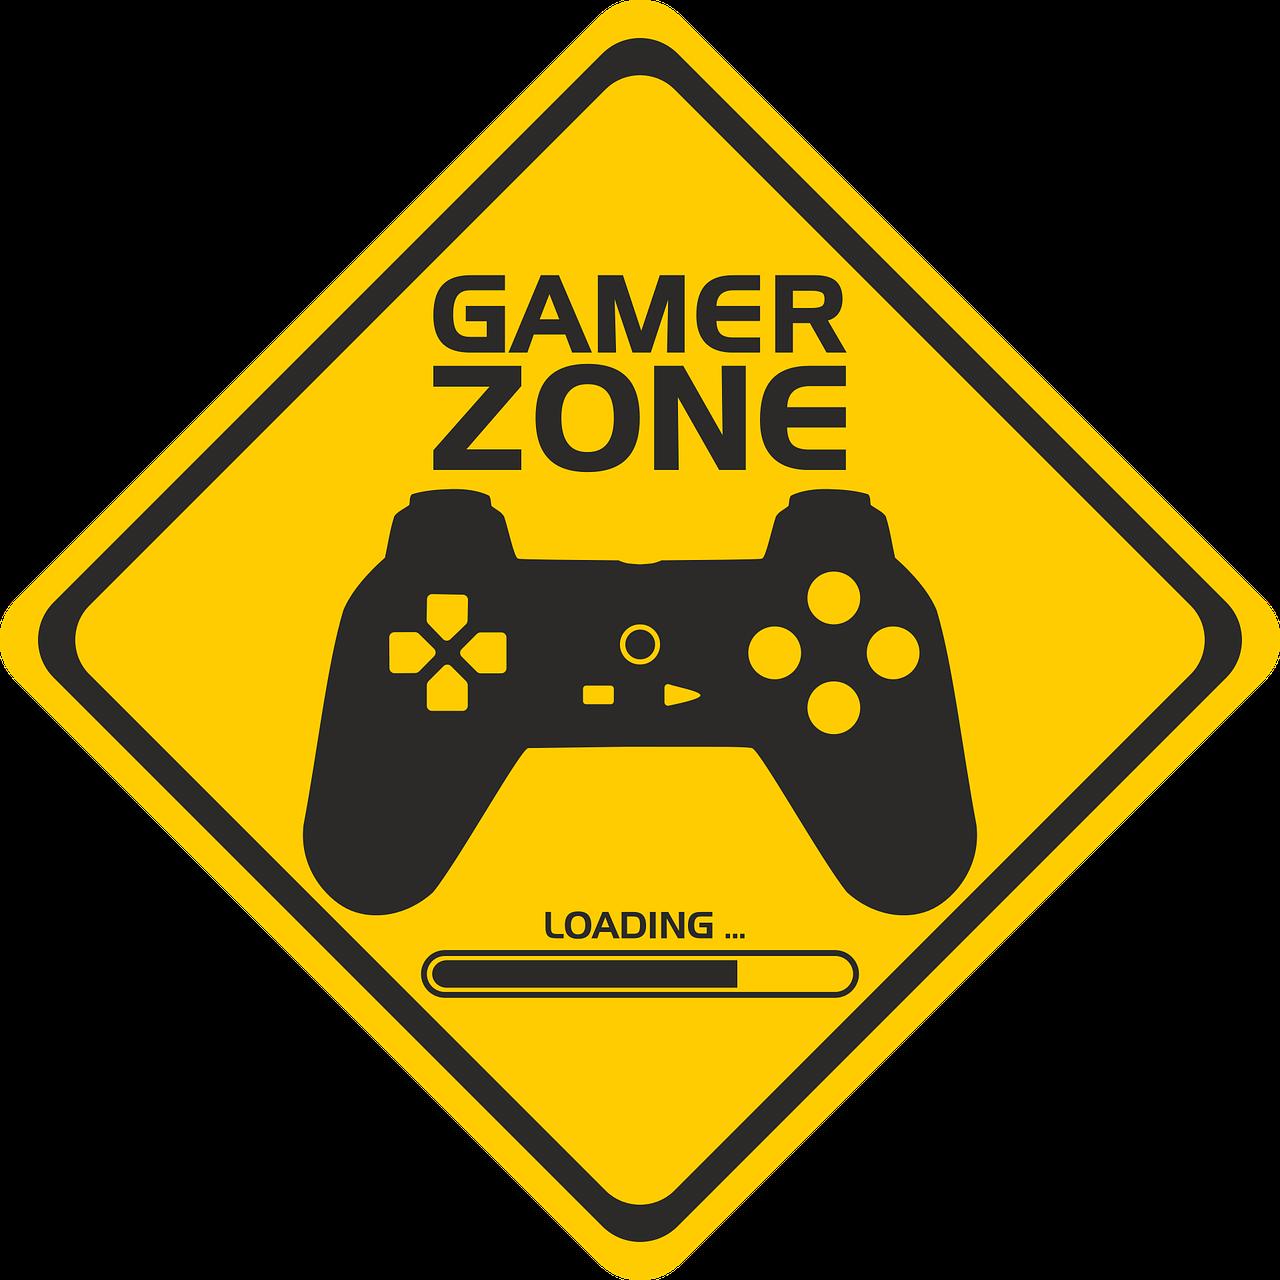 ¿Qué es un gamer y que relación tiene con el término gaming?